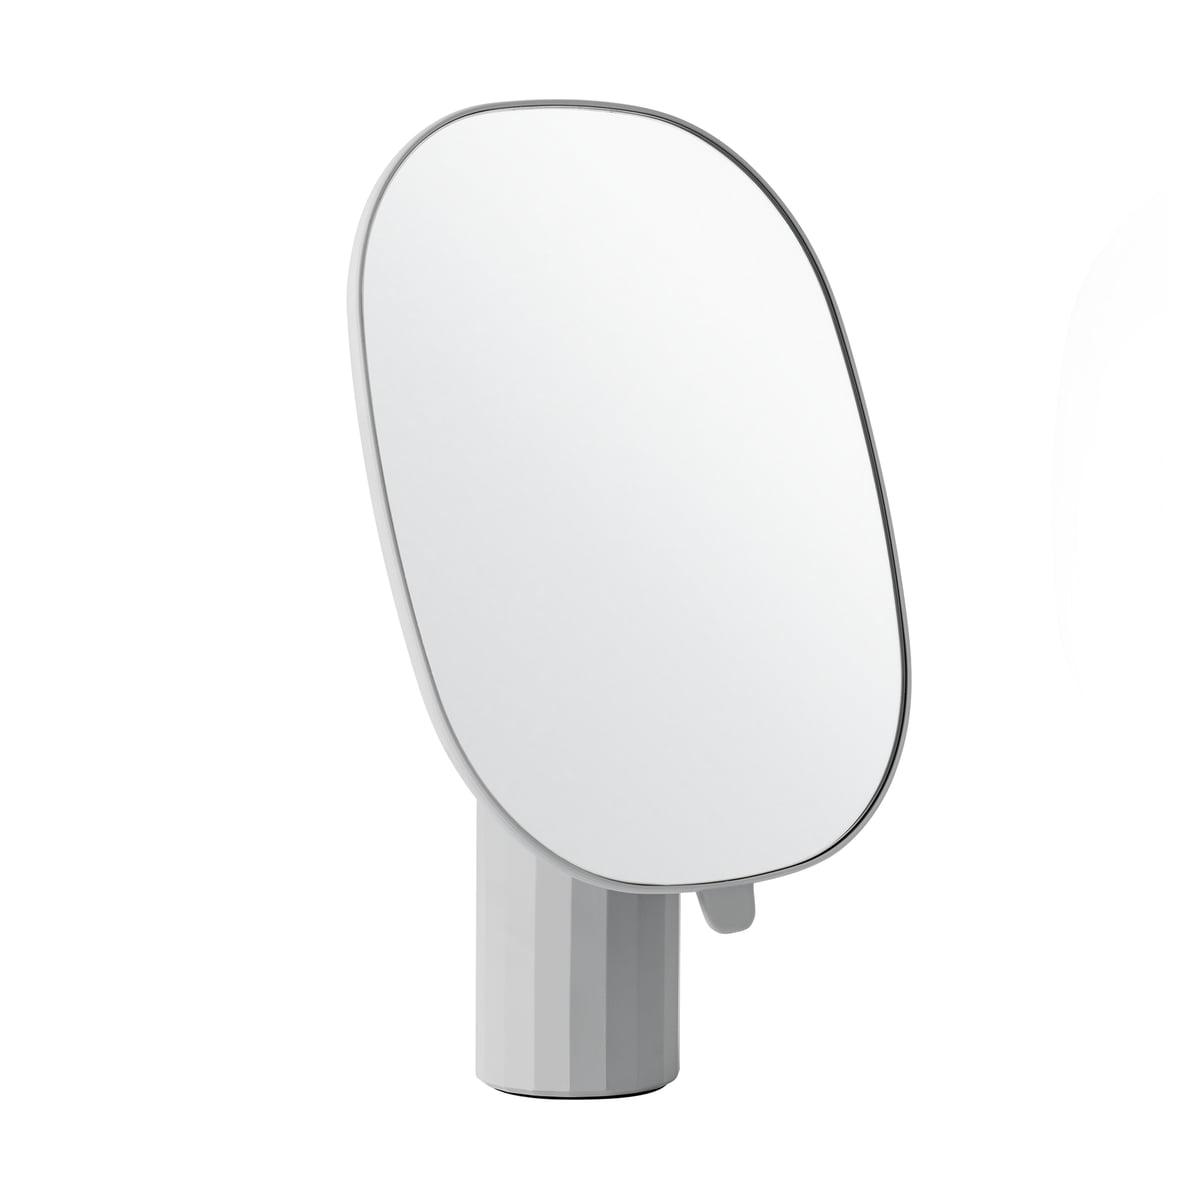 Muuto - Mimic Tischspiegel, grau | Flur & Diele > Spiegel > Standspiegel | Grau | Abs-kunststoff -  resin -  glas | Muuto